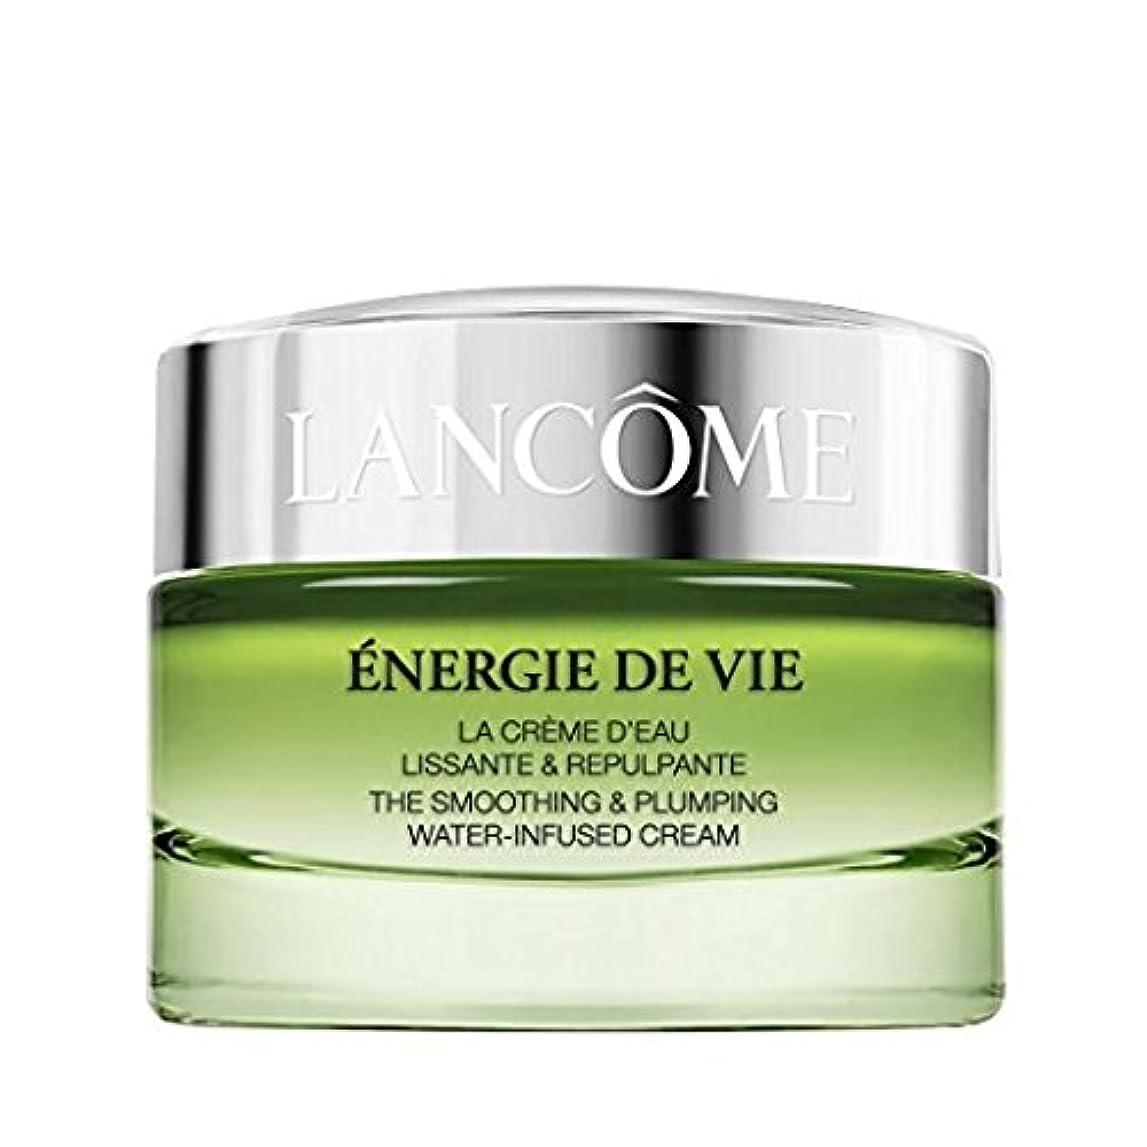 ナラーバーリフレッシュ程度ランコム Energie De Vie The Smoothing & Plumping Water-Infused Cream 50ml/1.7oz並行輸入品